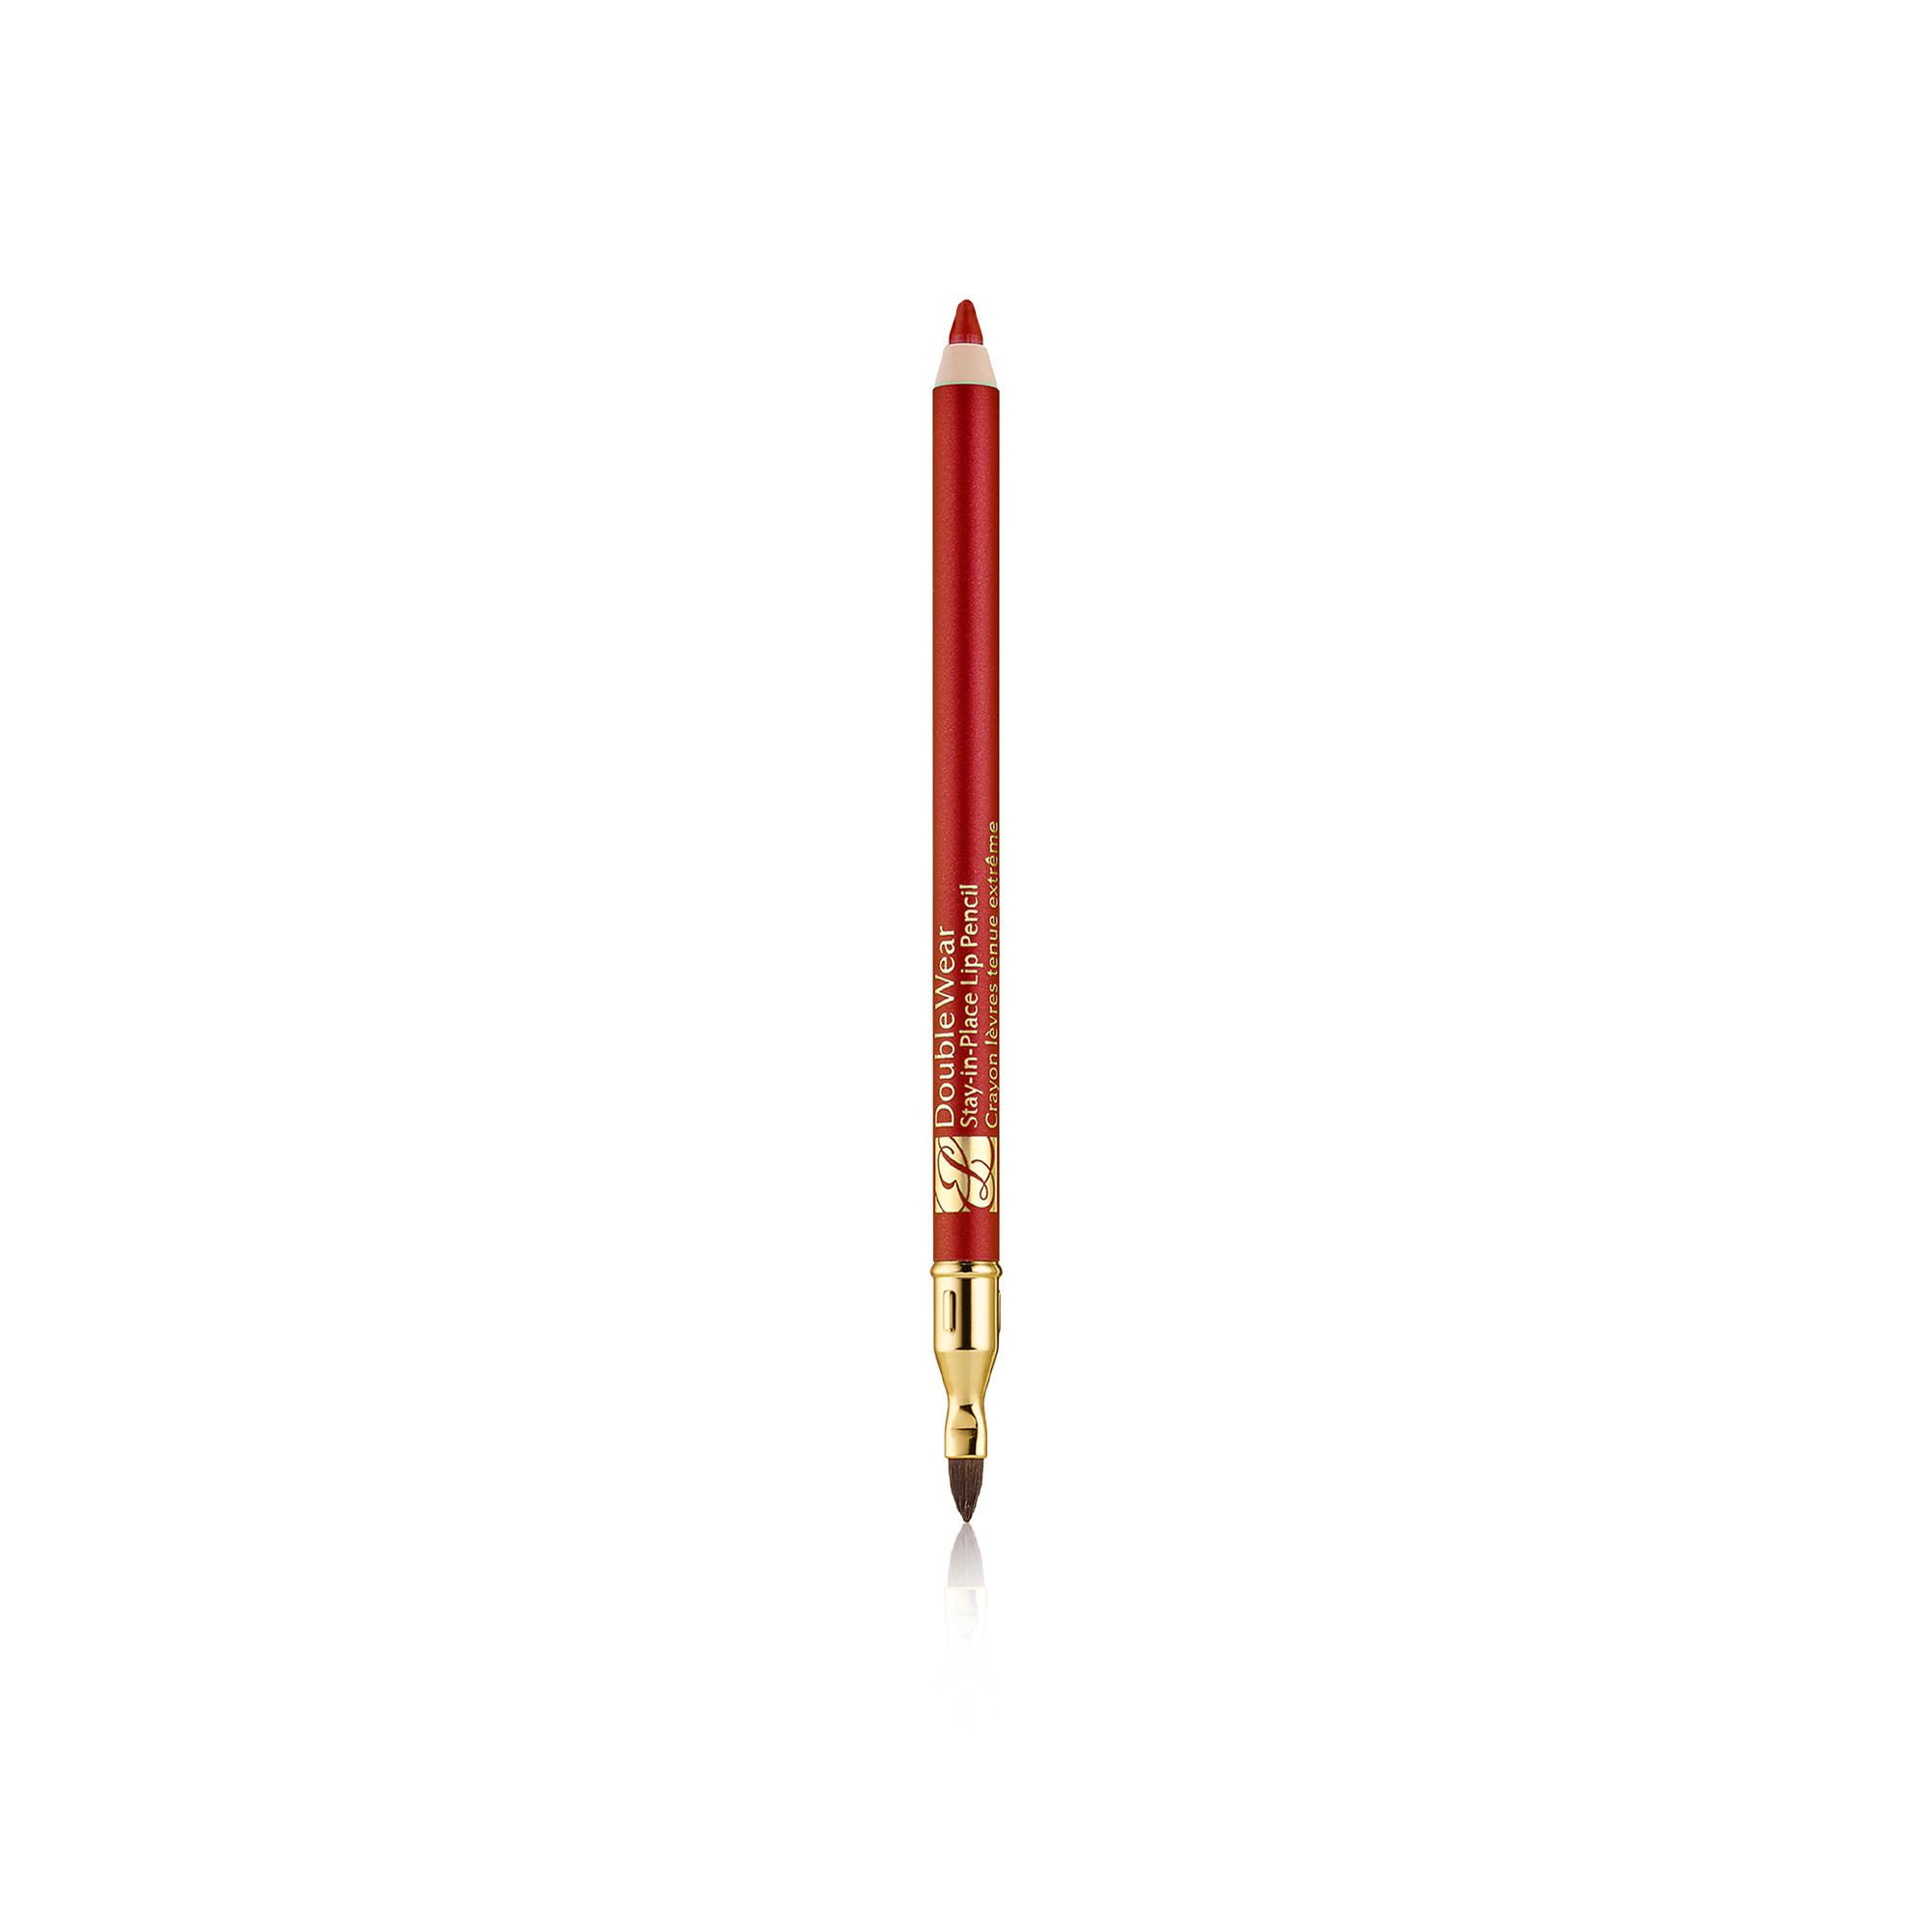 Estée Lauder double wear stay-in-place lip pencil - brick 1,2 g, BRICK, large image number 6